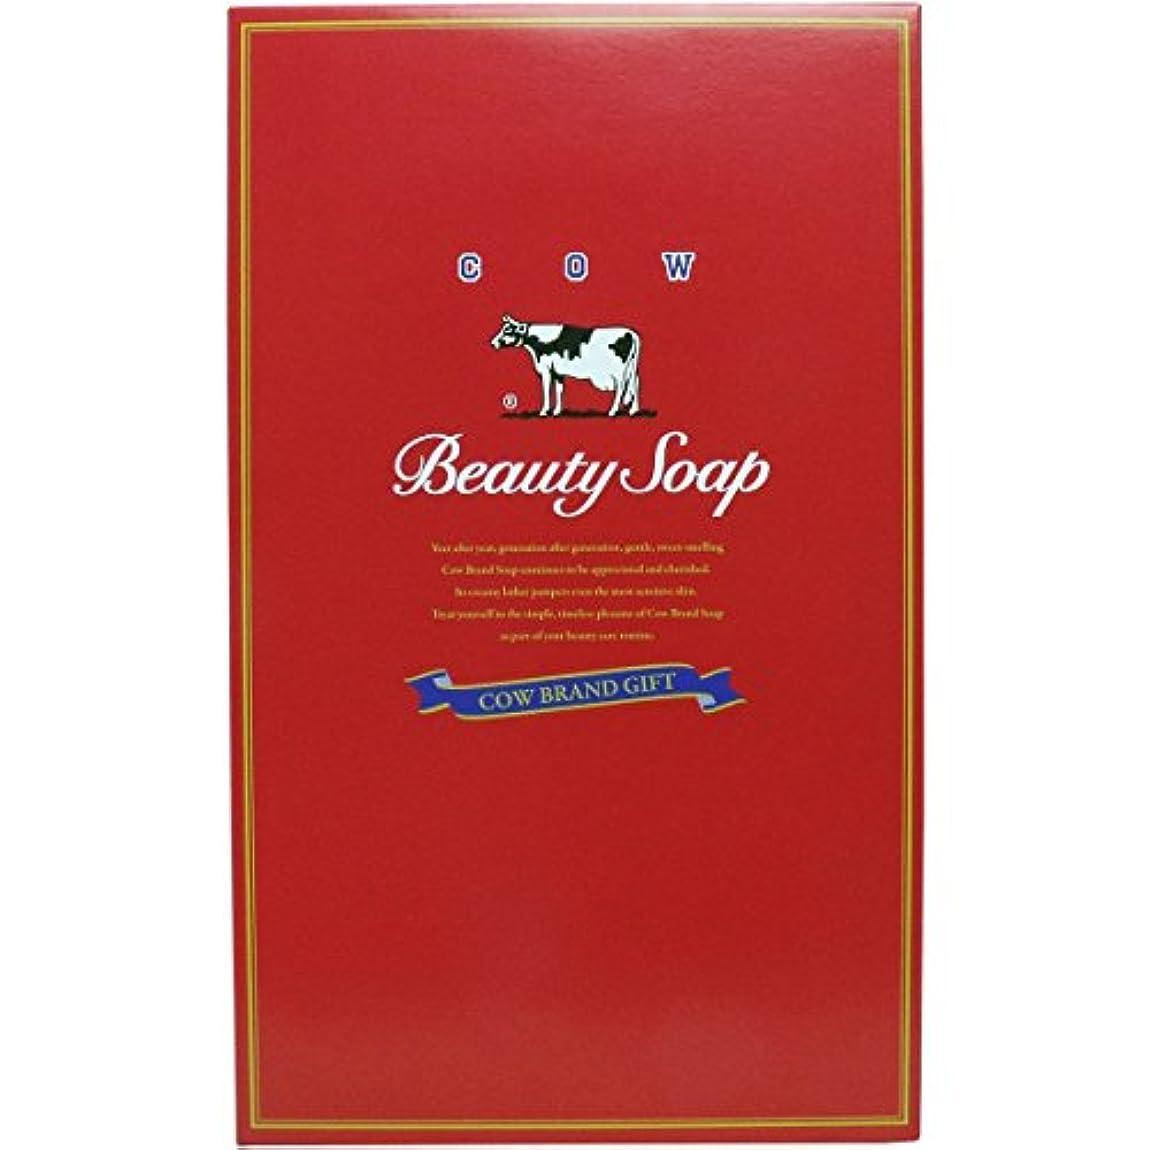 振るう電化するバーガー牛乳石鹸共進社 カウブランド石鹸 赤箱 100g×10個×3箱